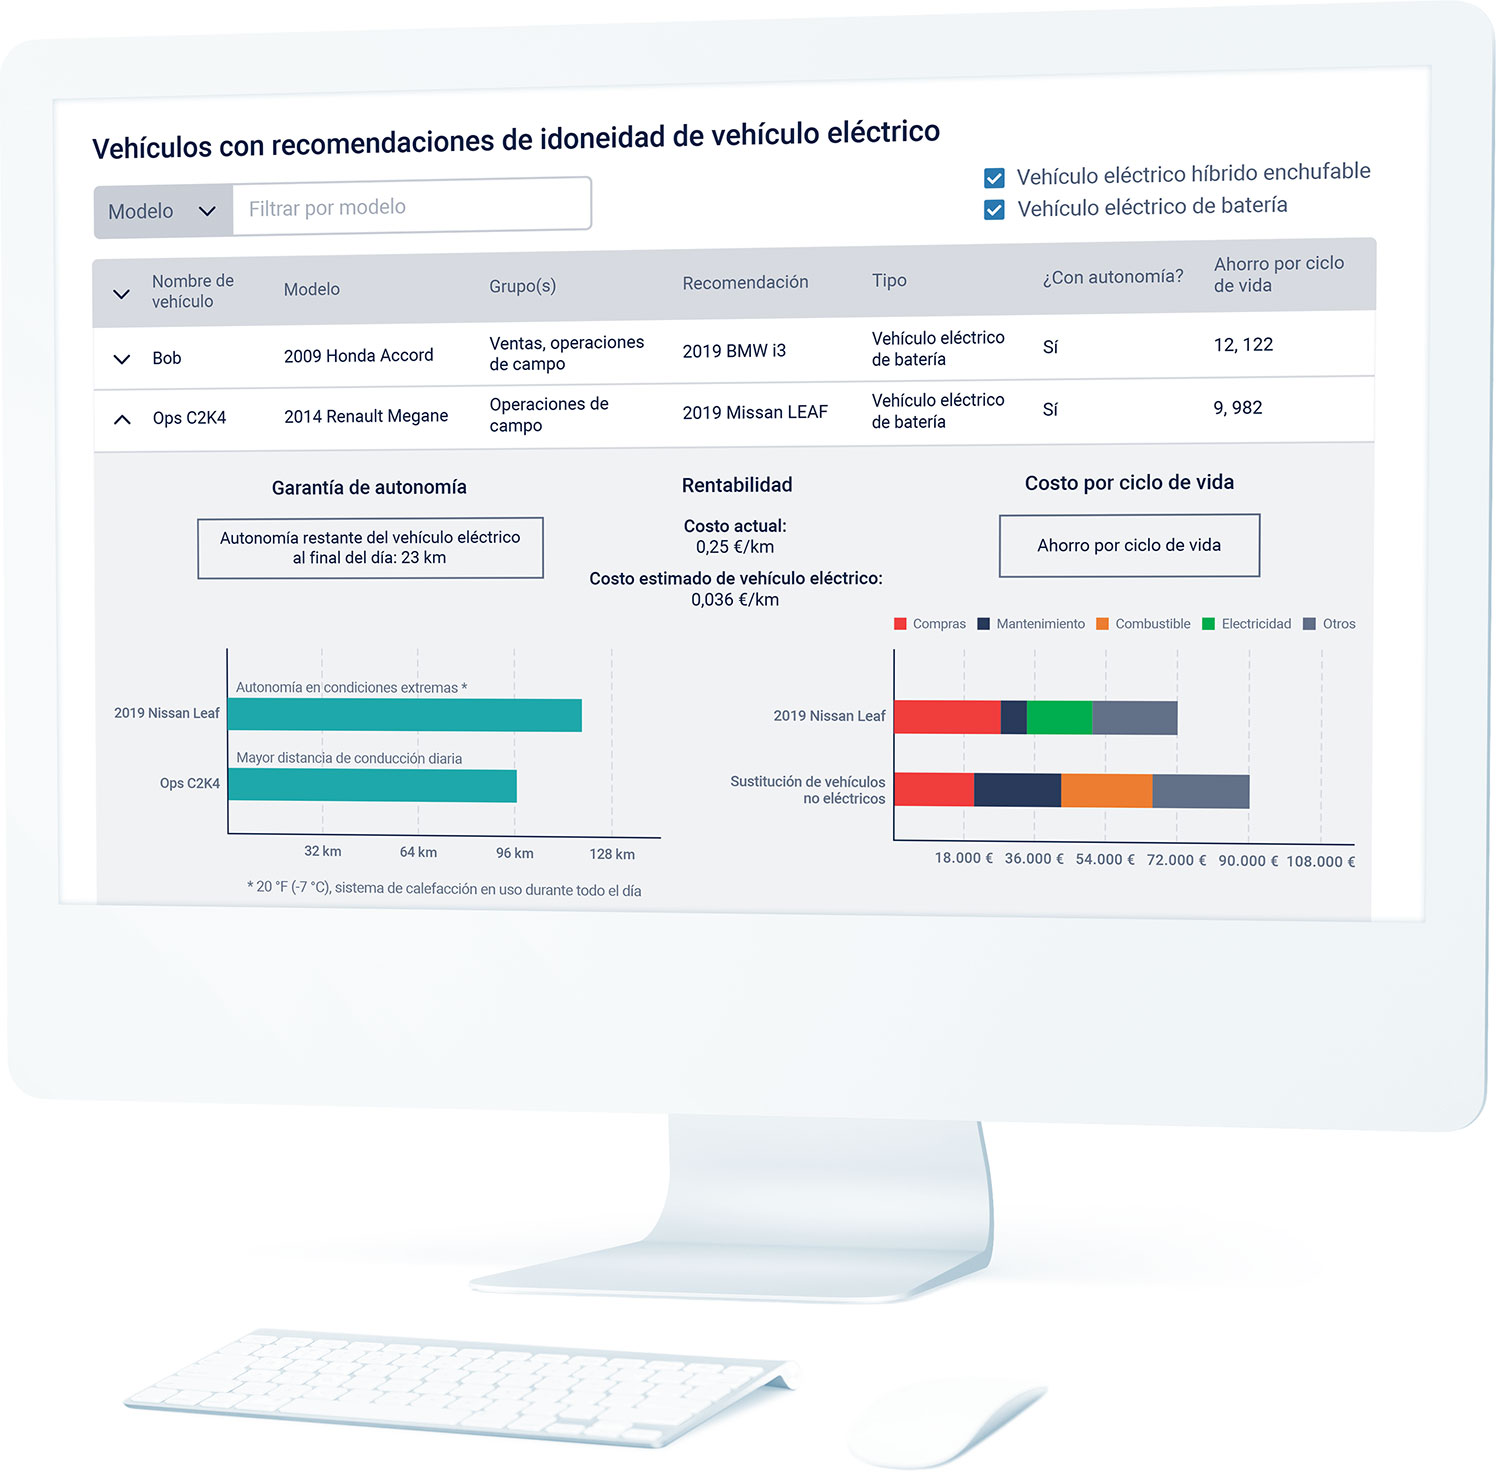 Panel de gráficos de un informe para la adopción de vehículos eléctricos en un ordenador de sobremesa